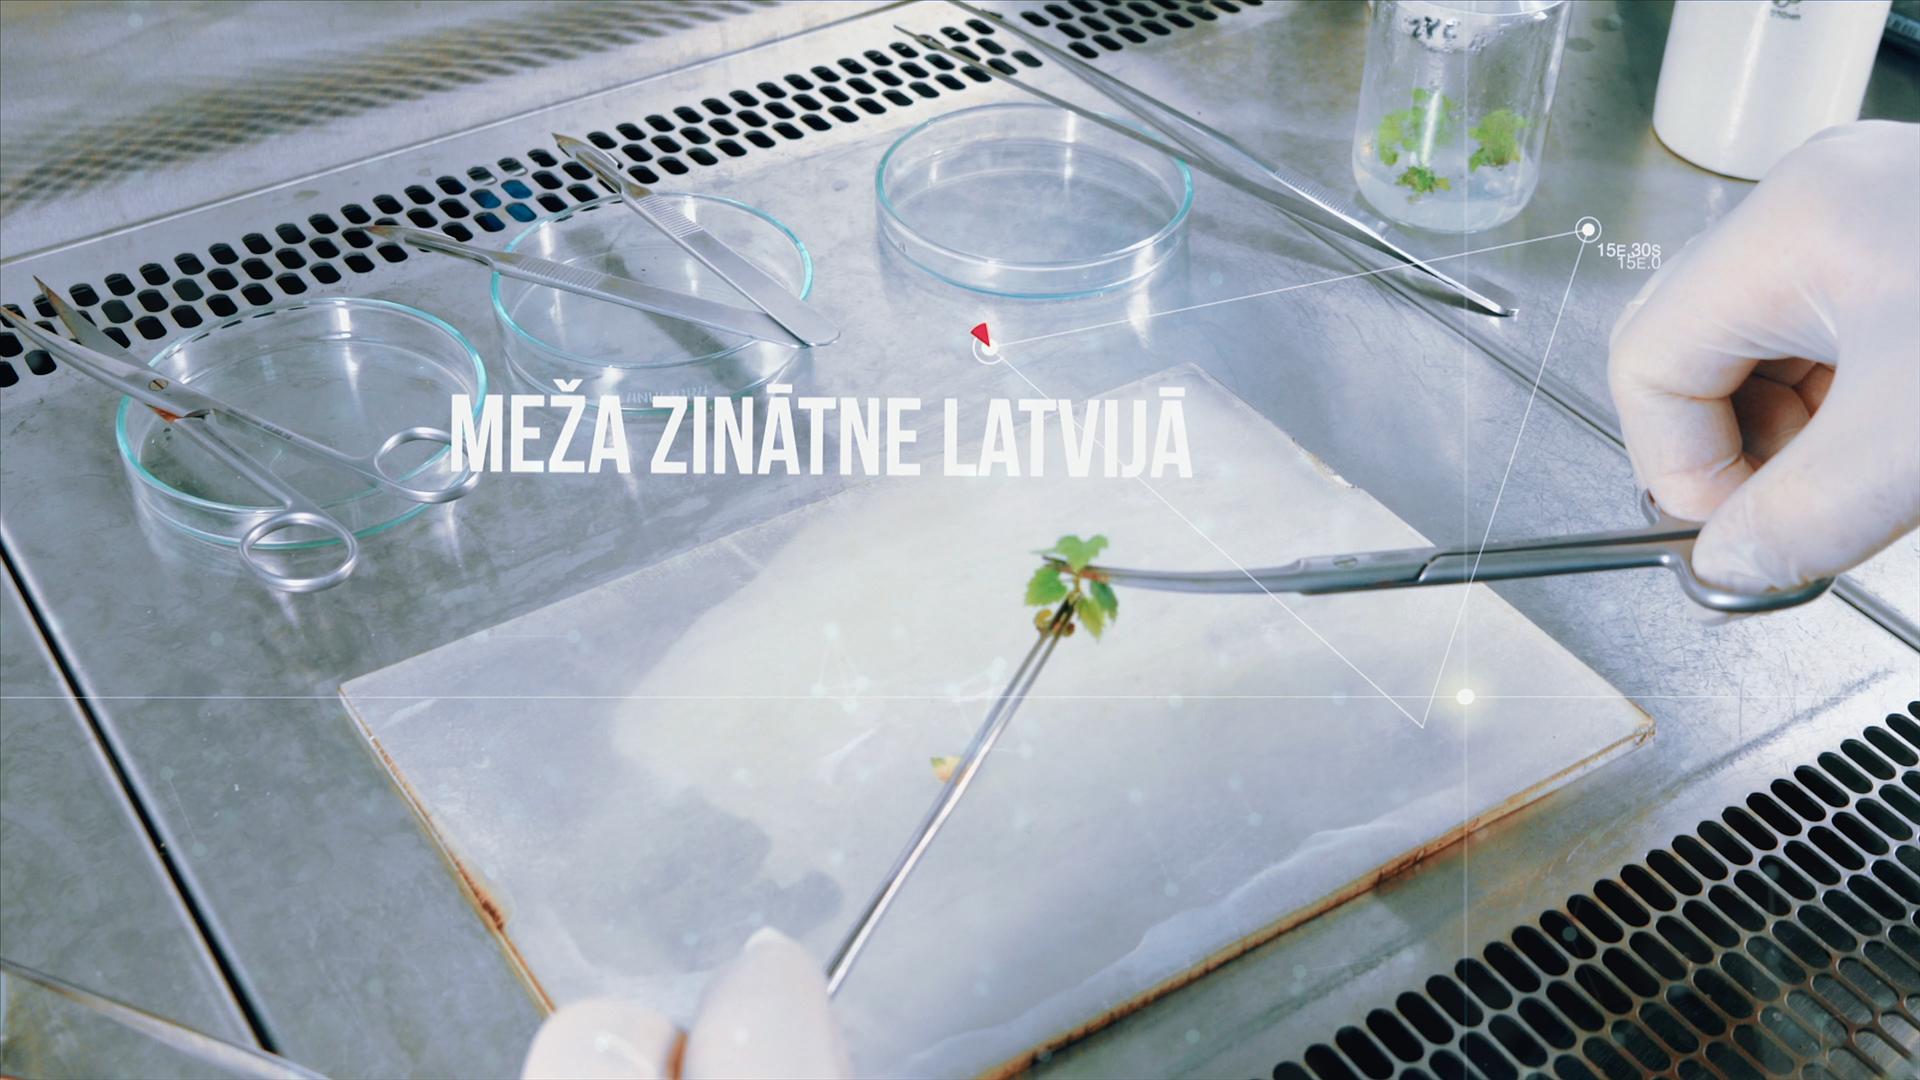 Meža zinātne Latvijā